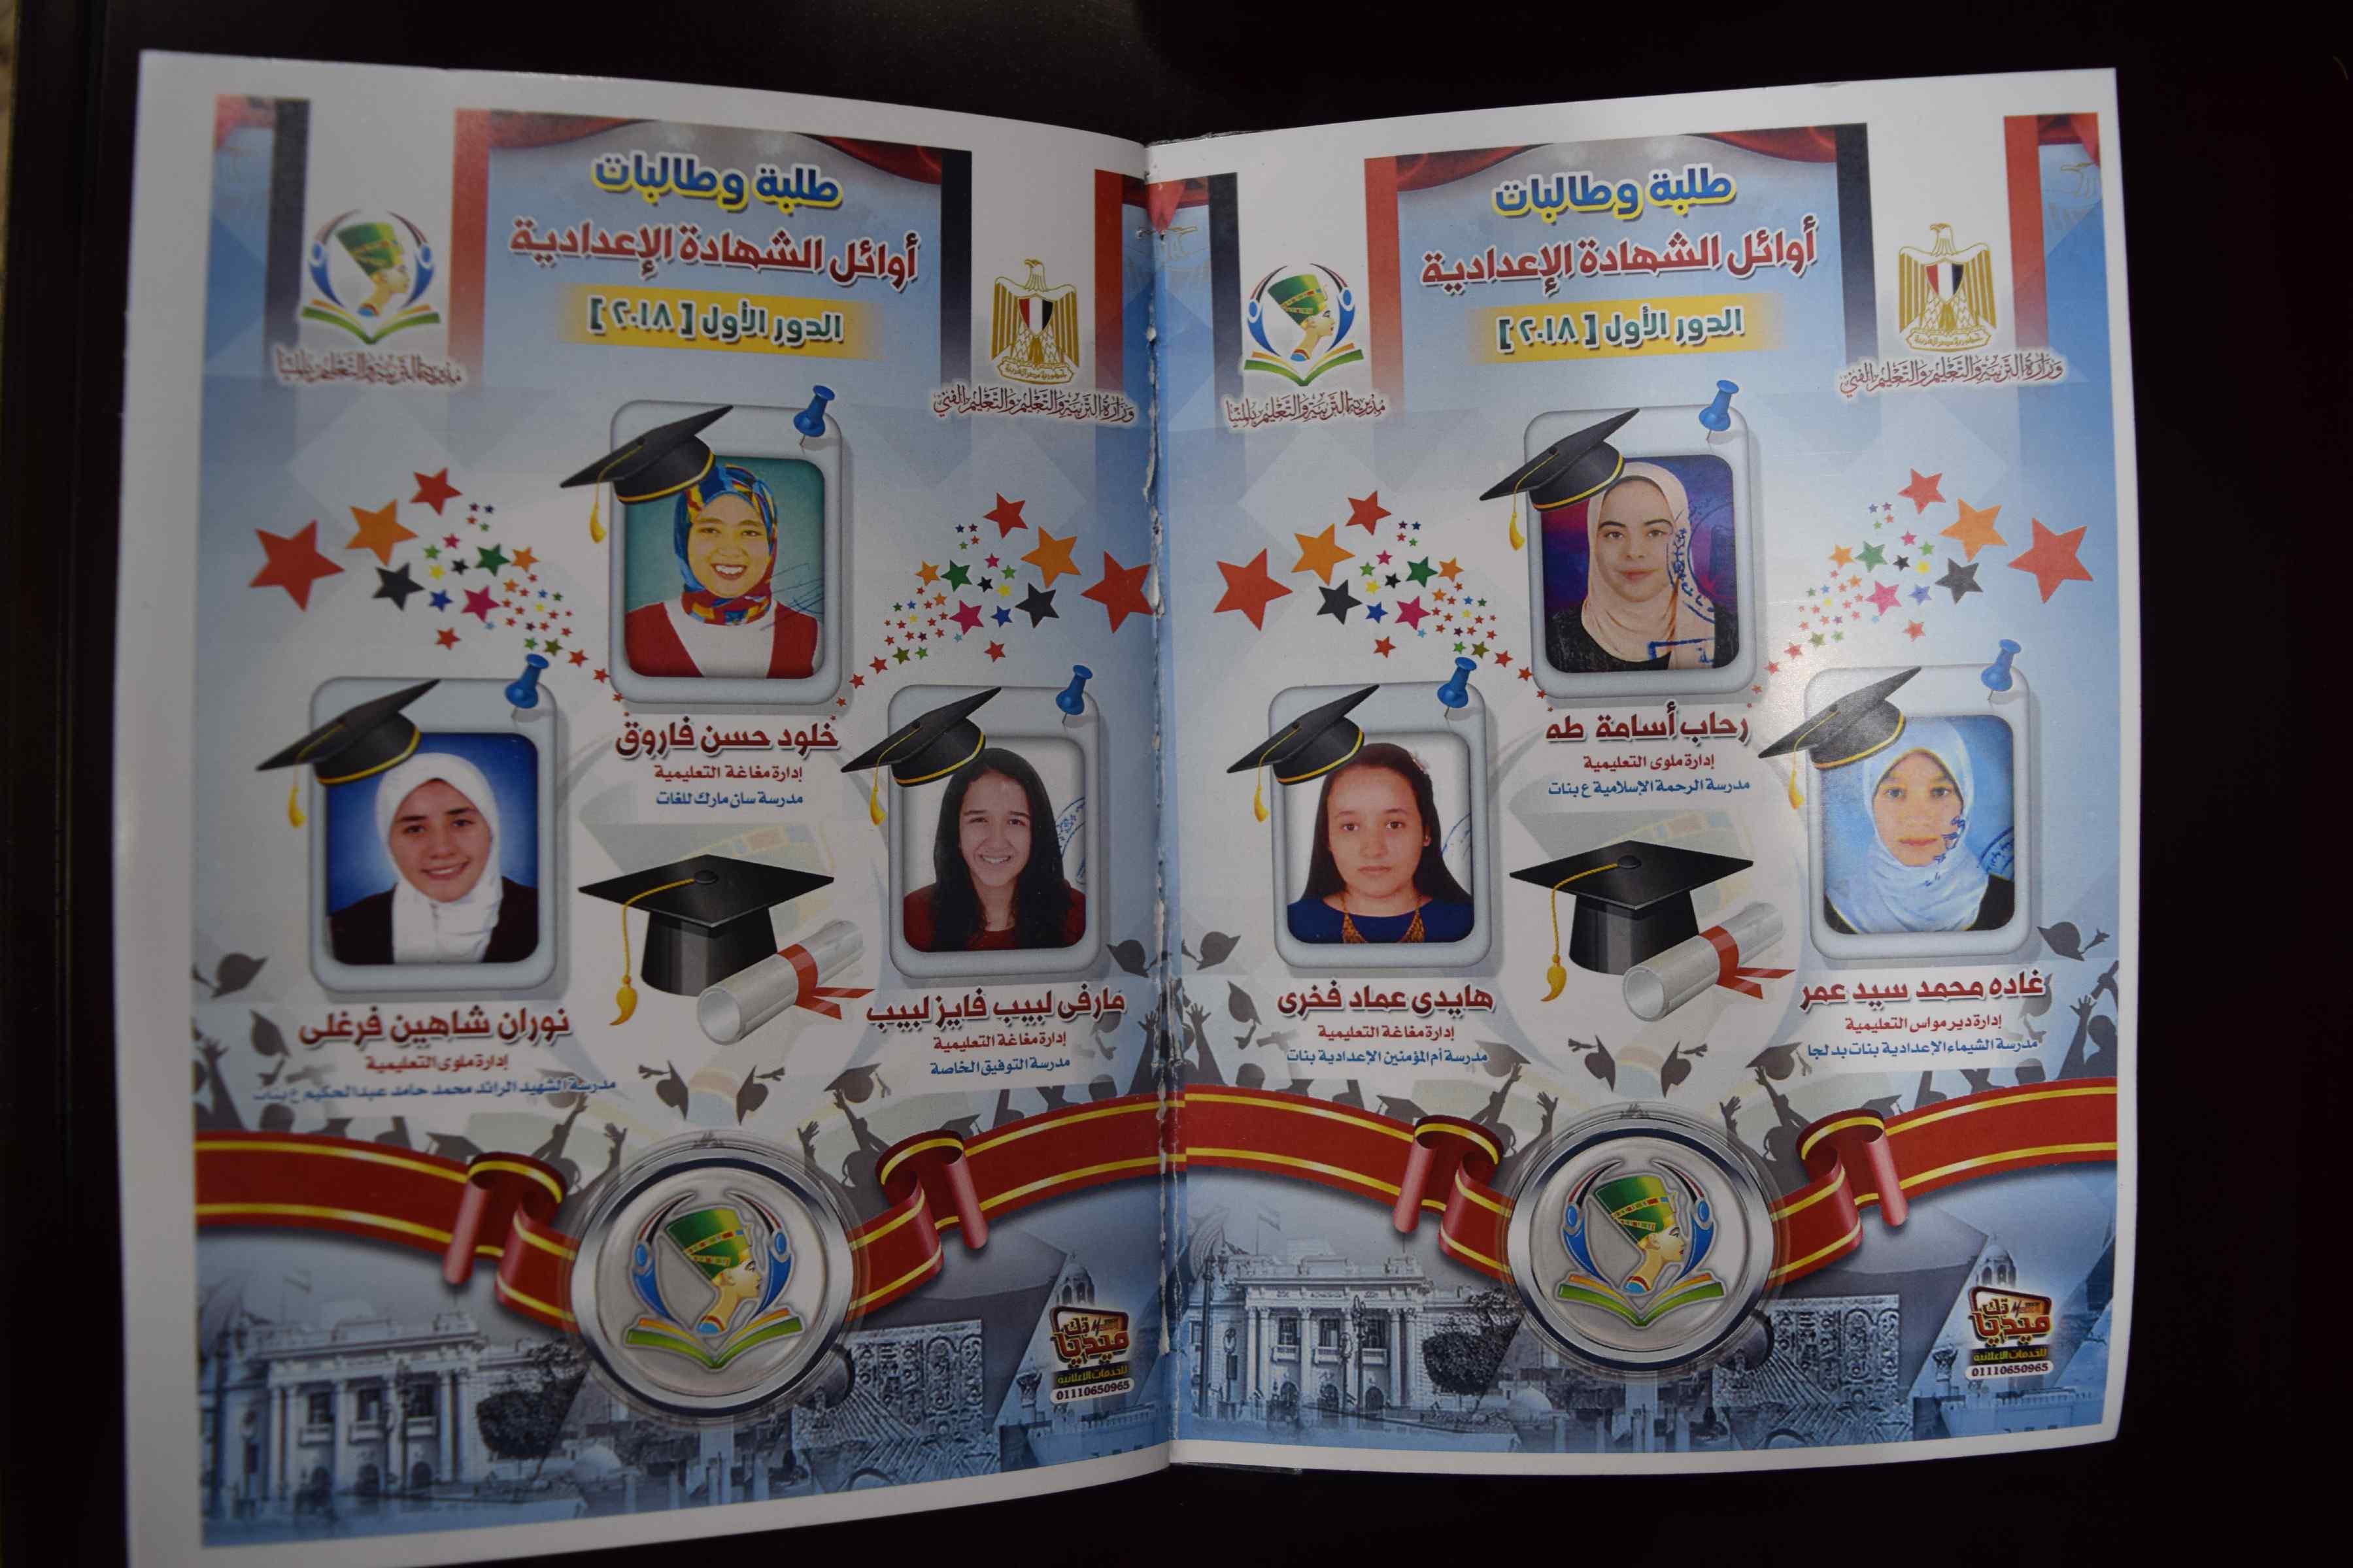 نتيجة الشهادة الابتدائية والإعدادية محافظة المنيا 2019 برقم الجلوس 5